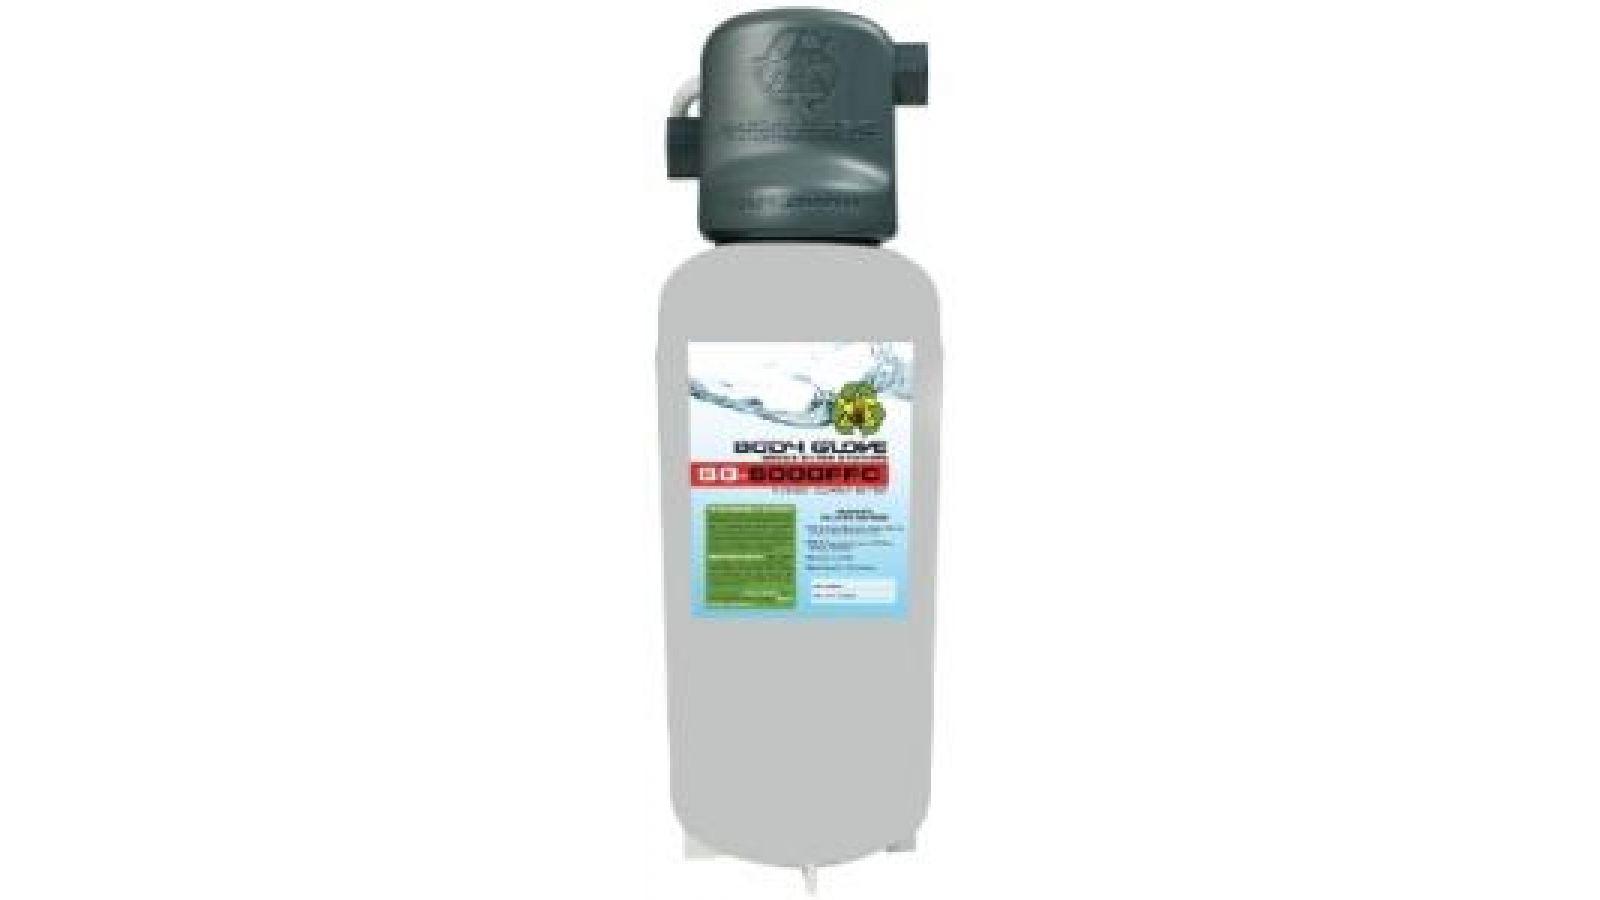 BG-6000FF Water Filter Full Flow System